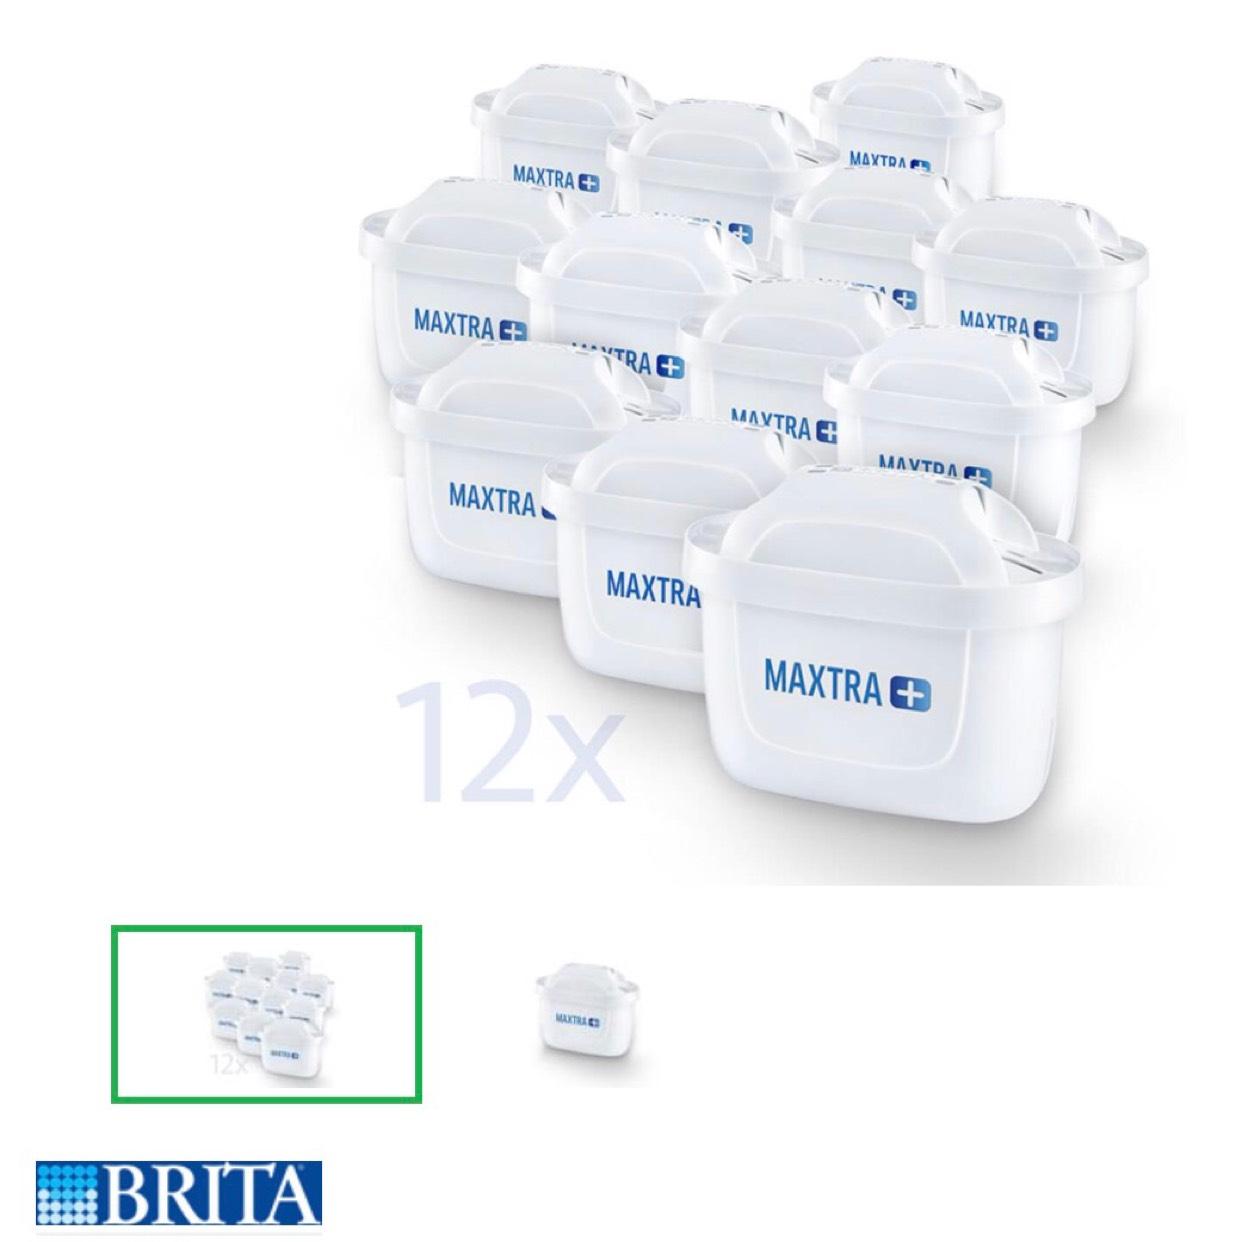 (Real online) Brita maxtra+ Wasserfilter 12er Pack zum Sparpreis